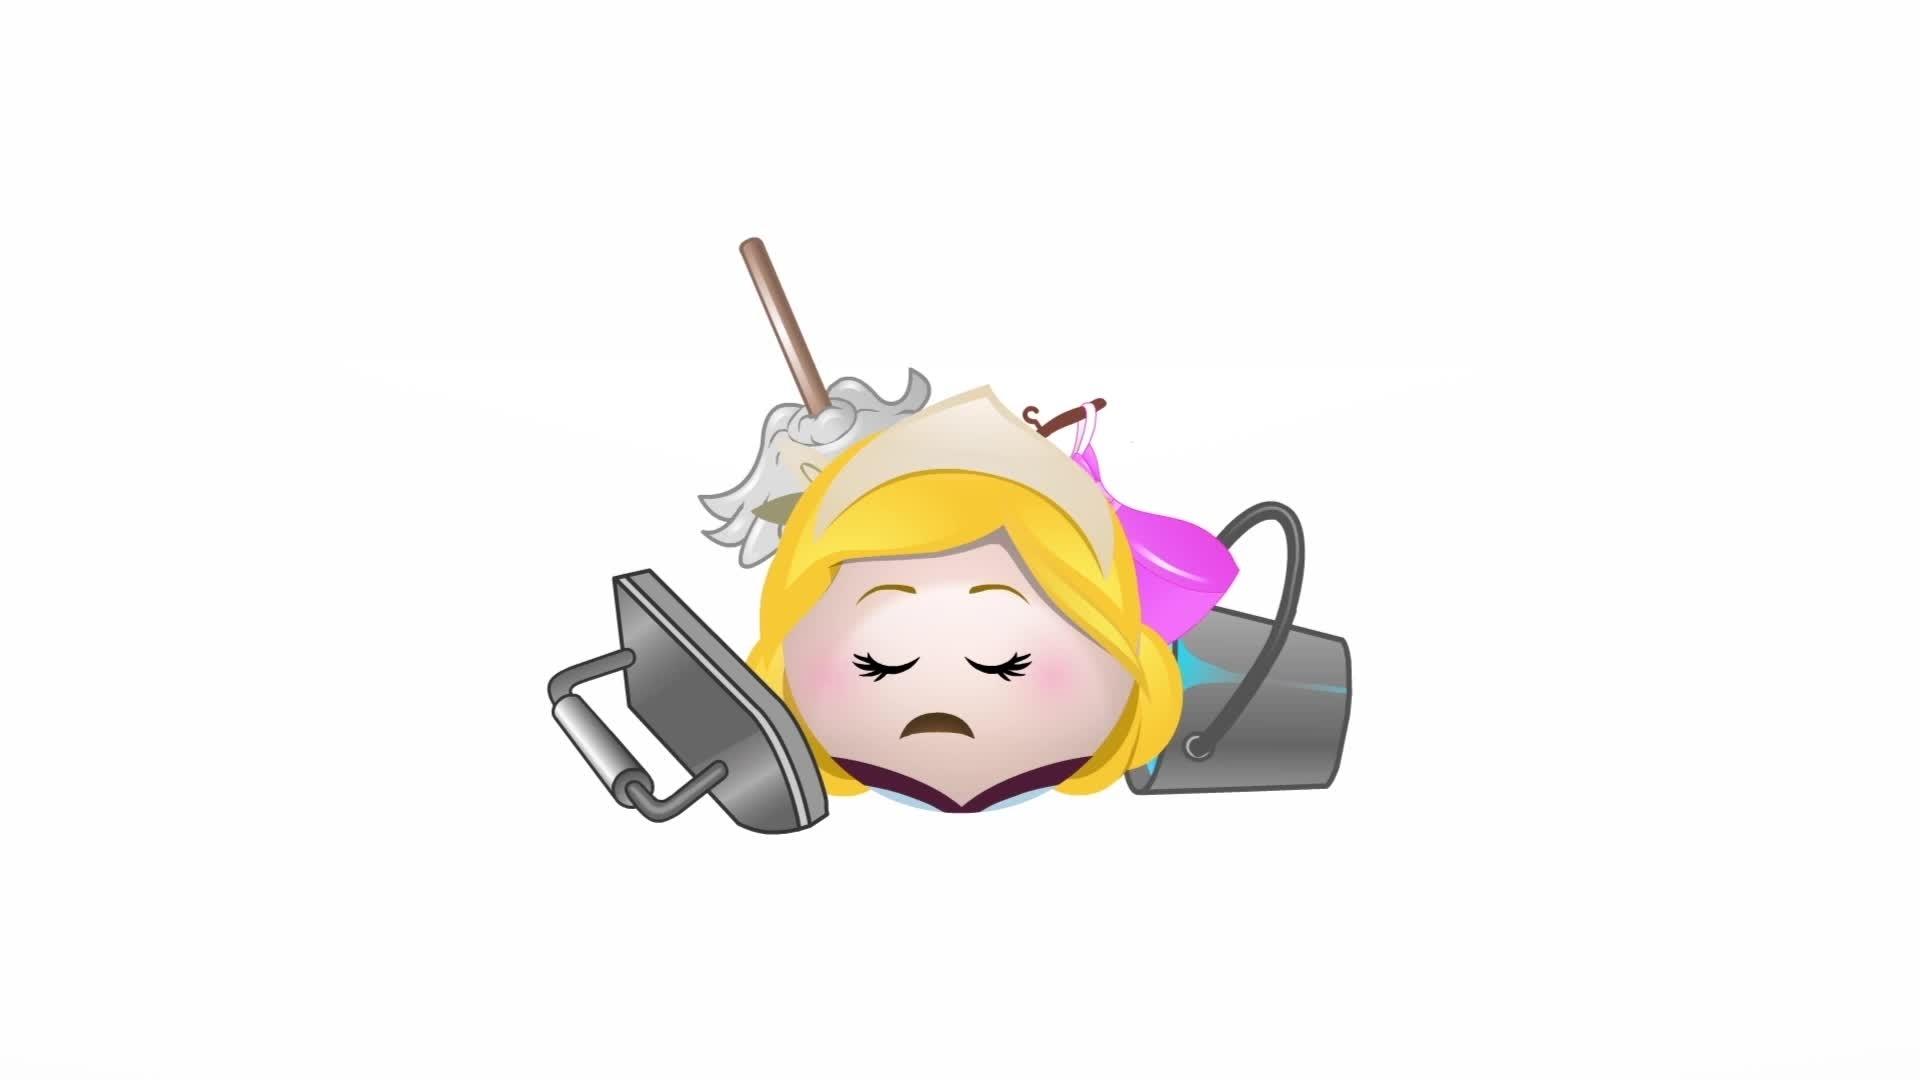 Σταχτοπούτα Όπως θα το έλεγαν τα Emoji